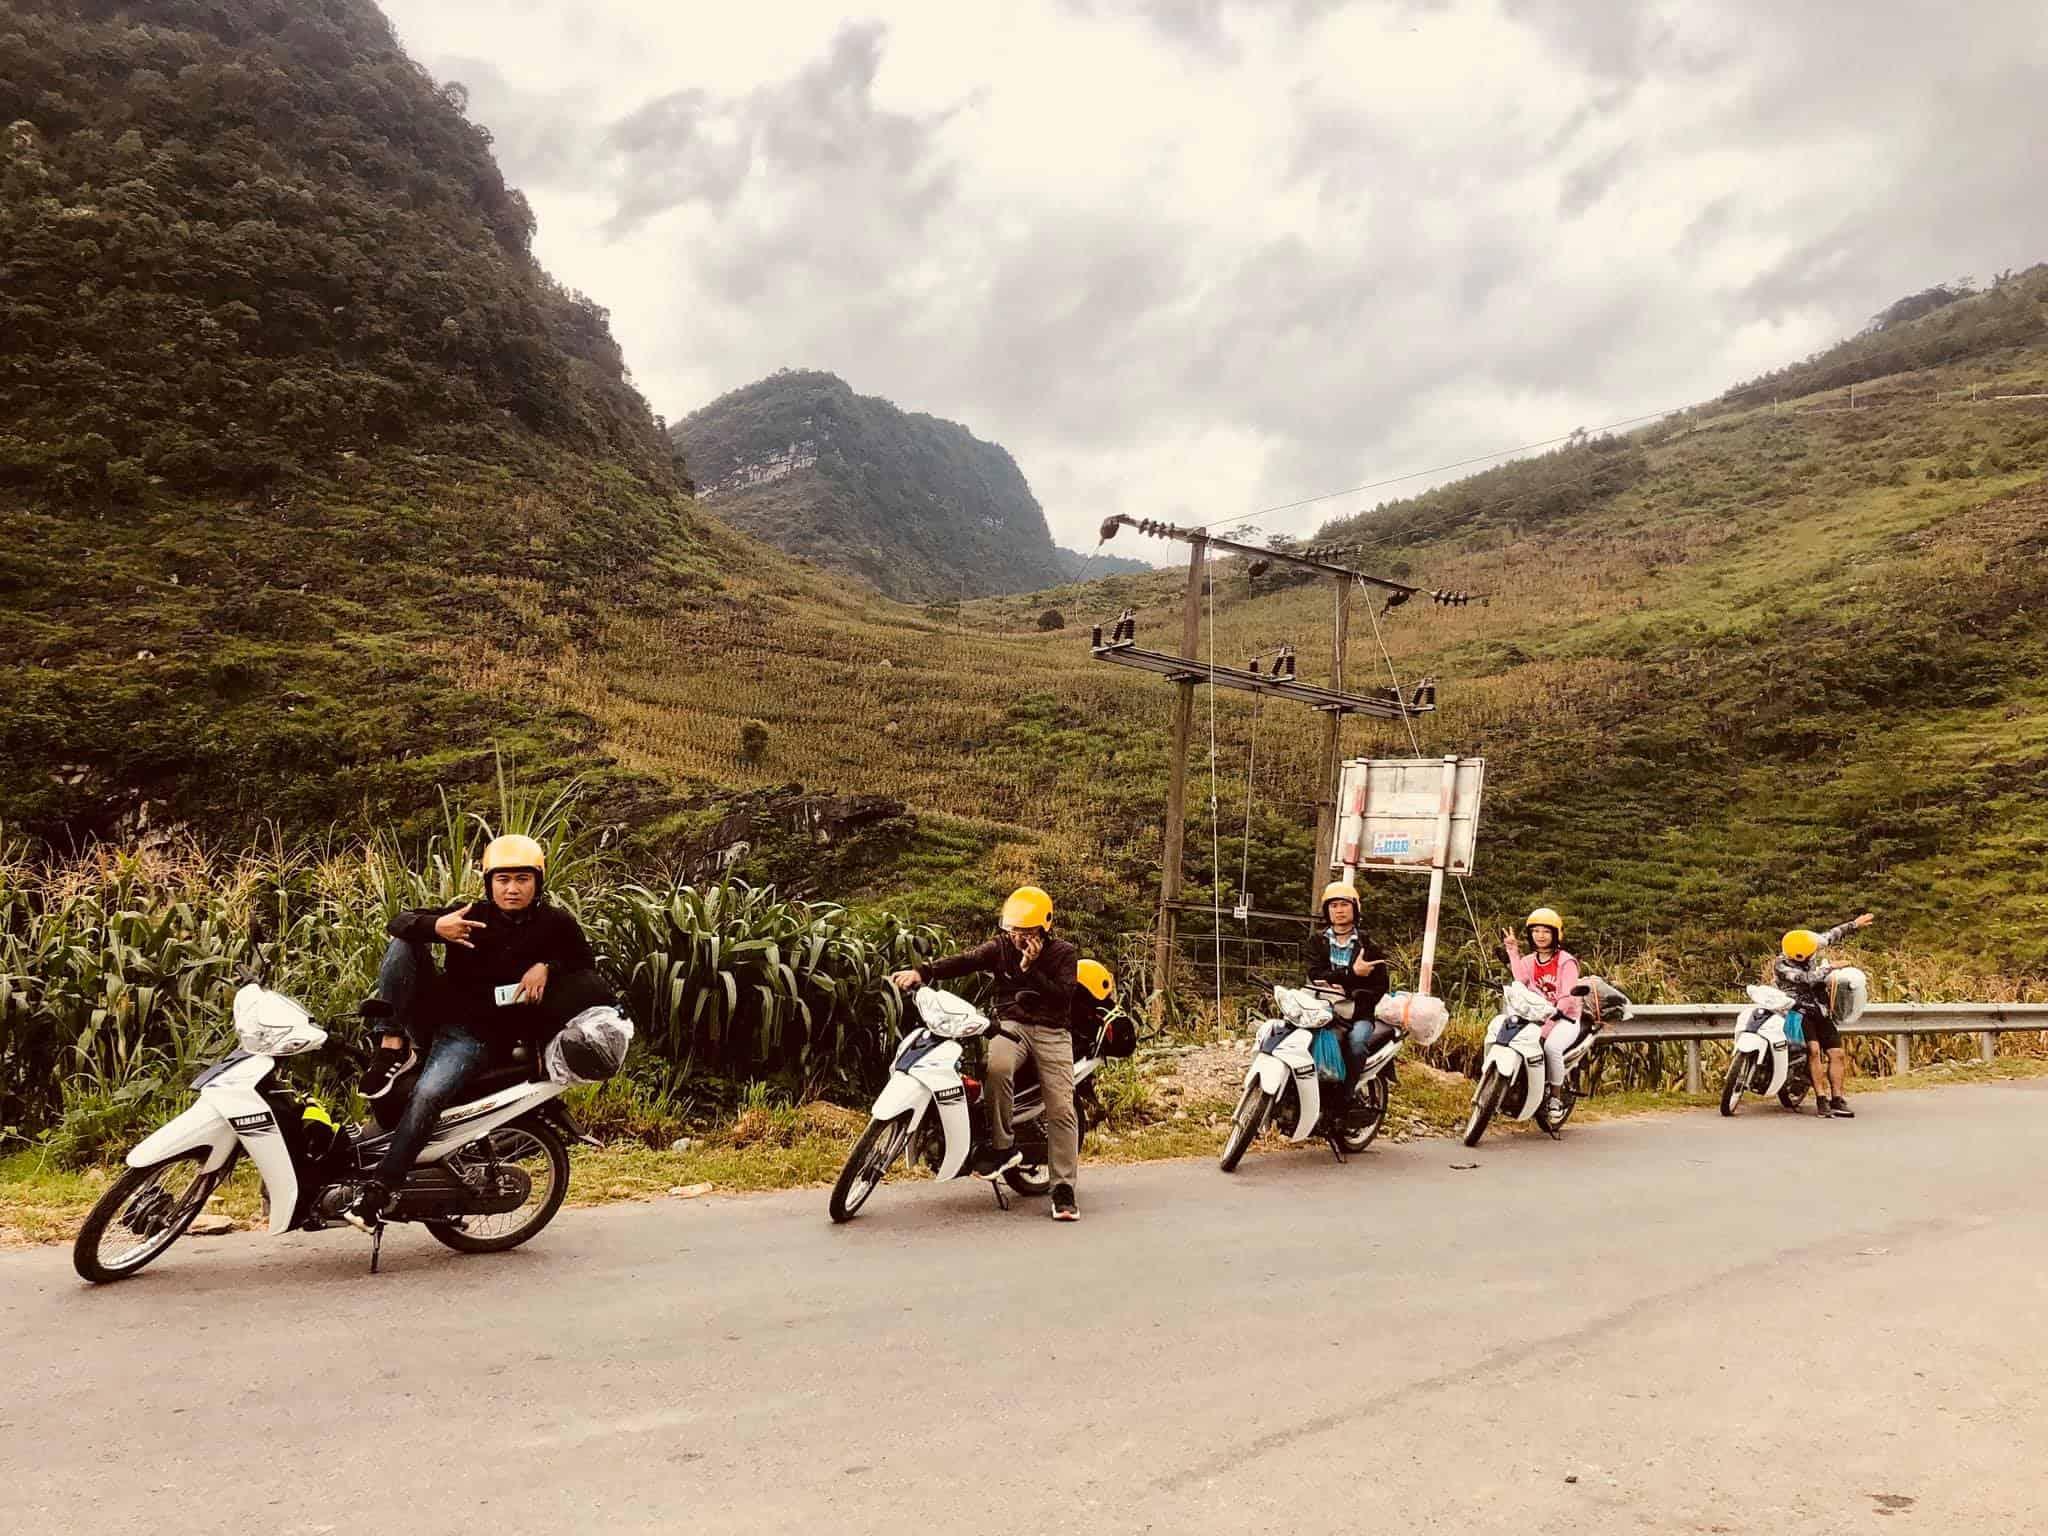 Khám phá Hà Giang bằng xe máy